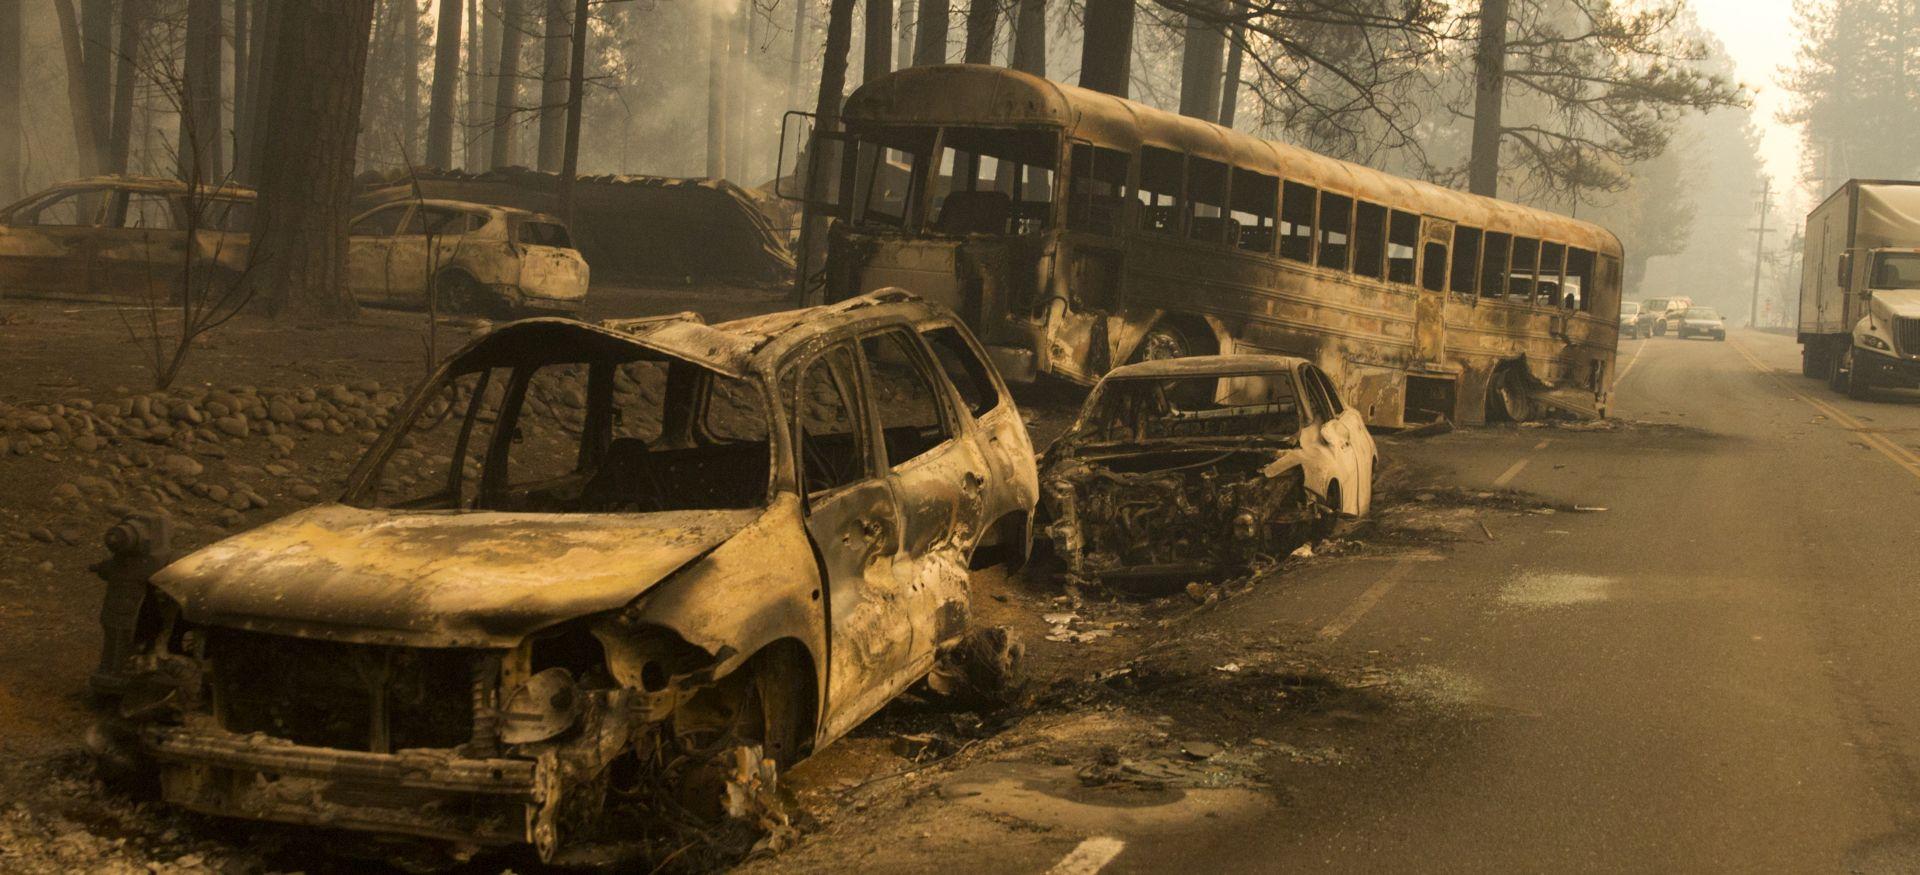 KALIFORNIJA Najmanje 9 mrtvih u požaru